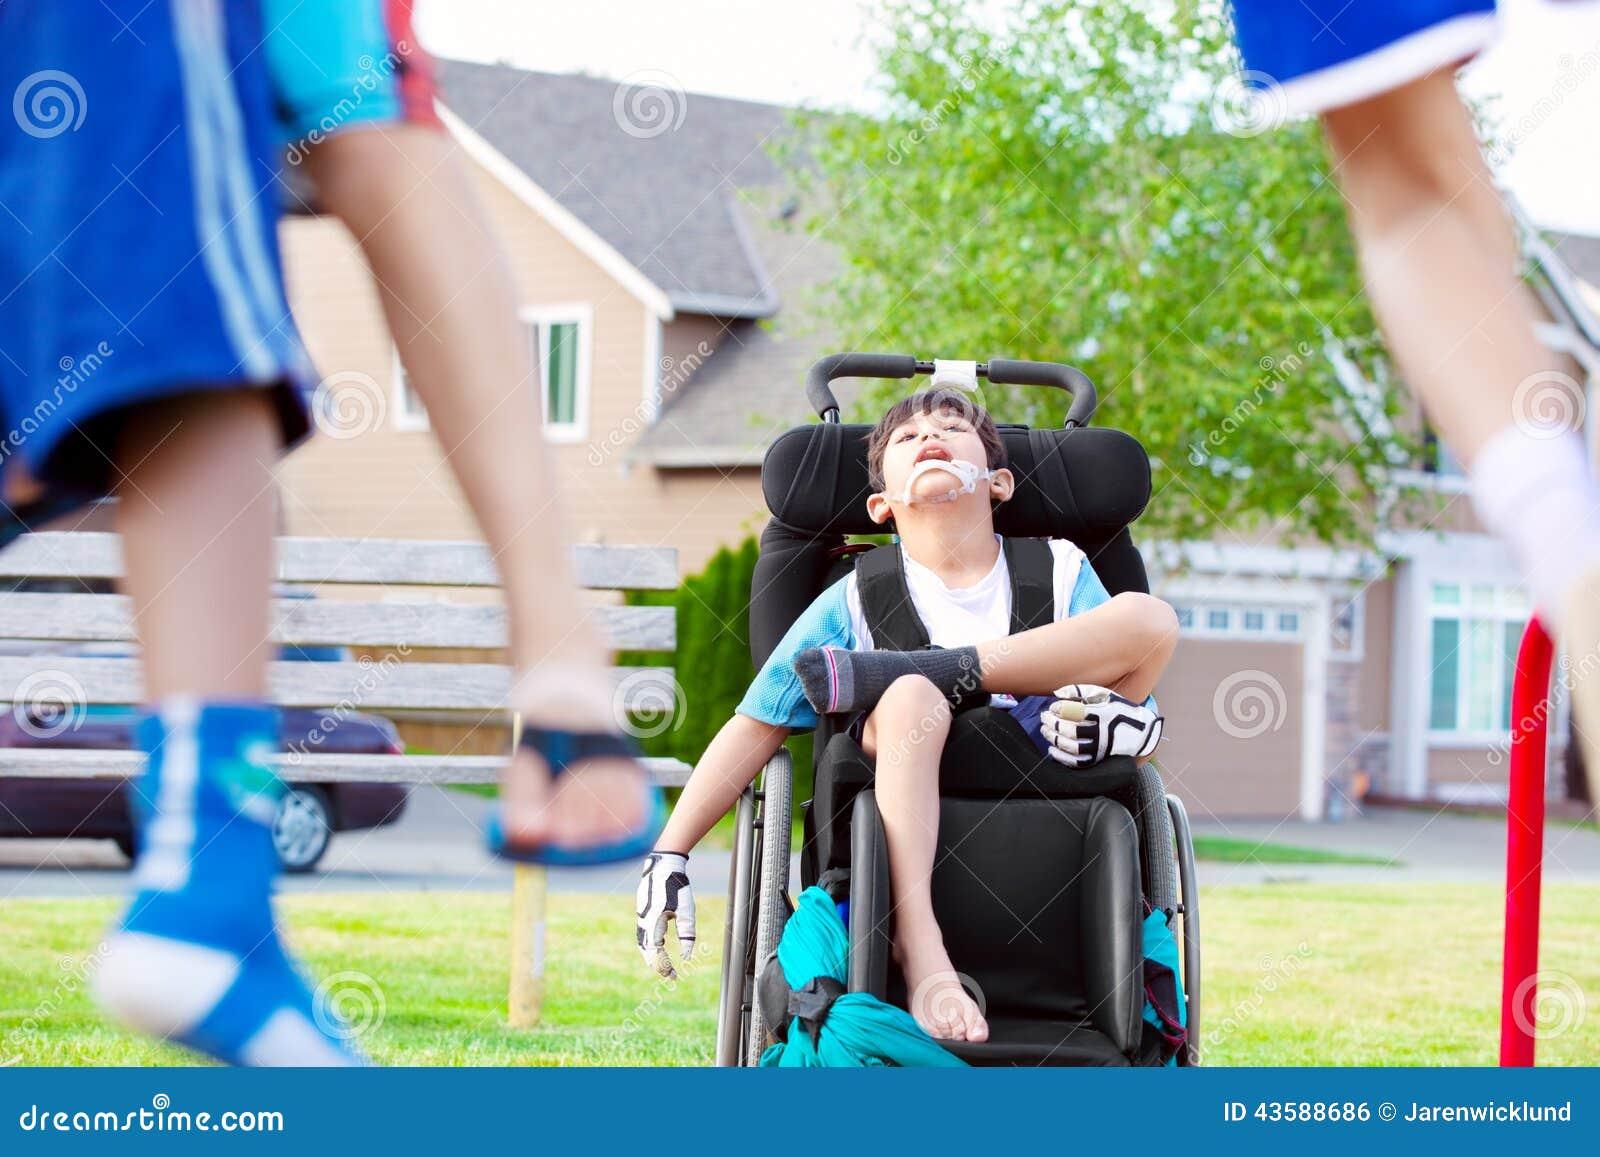 轮椅观看的儿童游戏的残疾儿童在公园